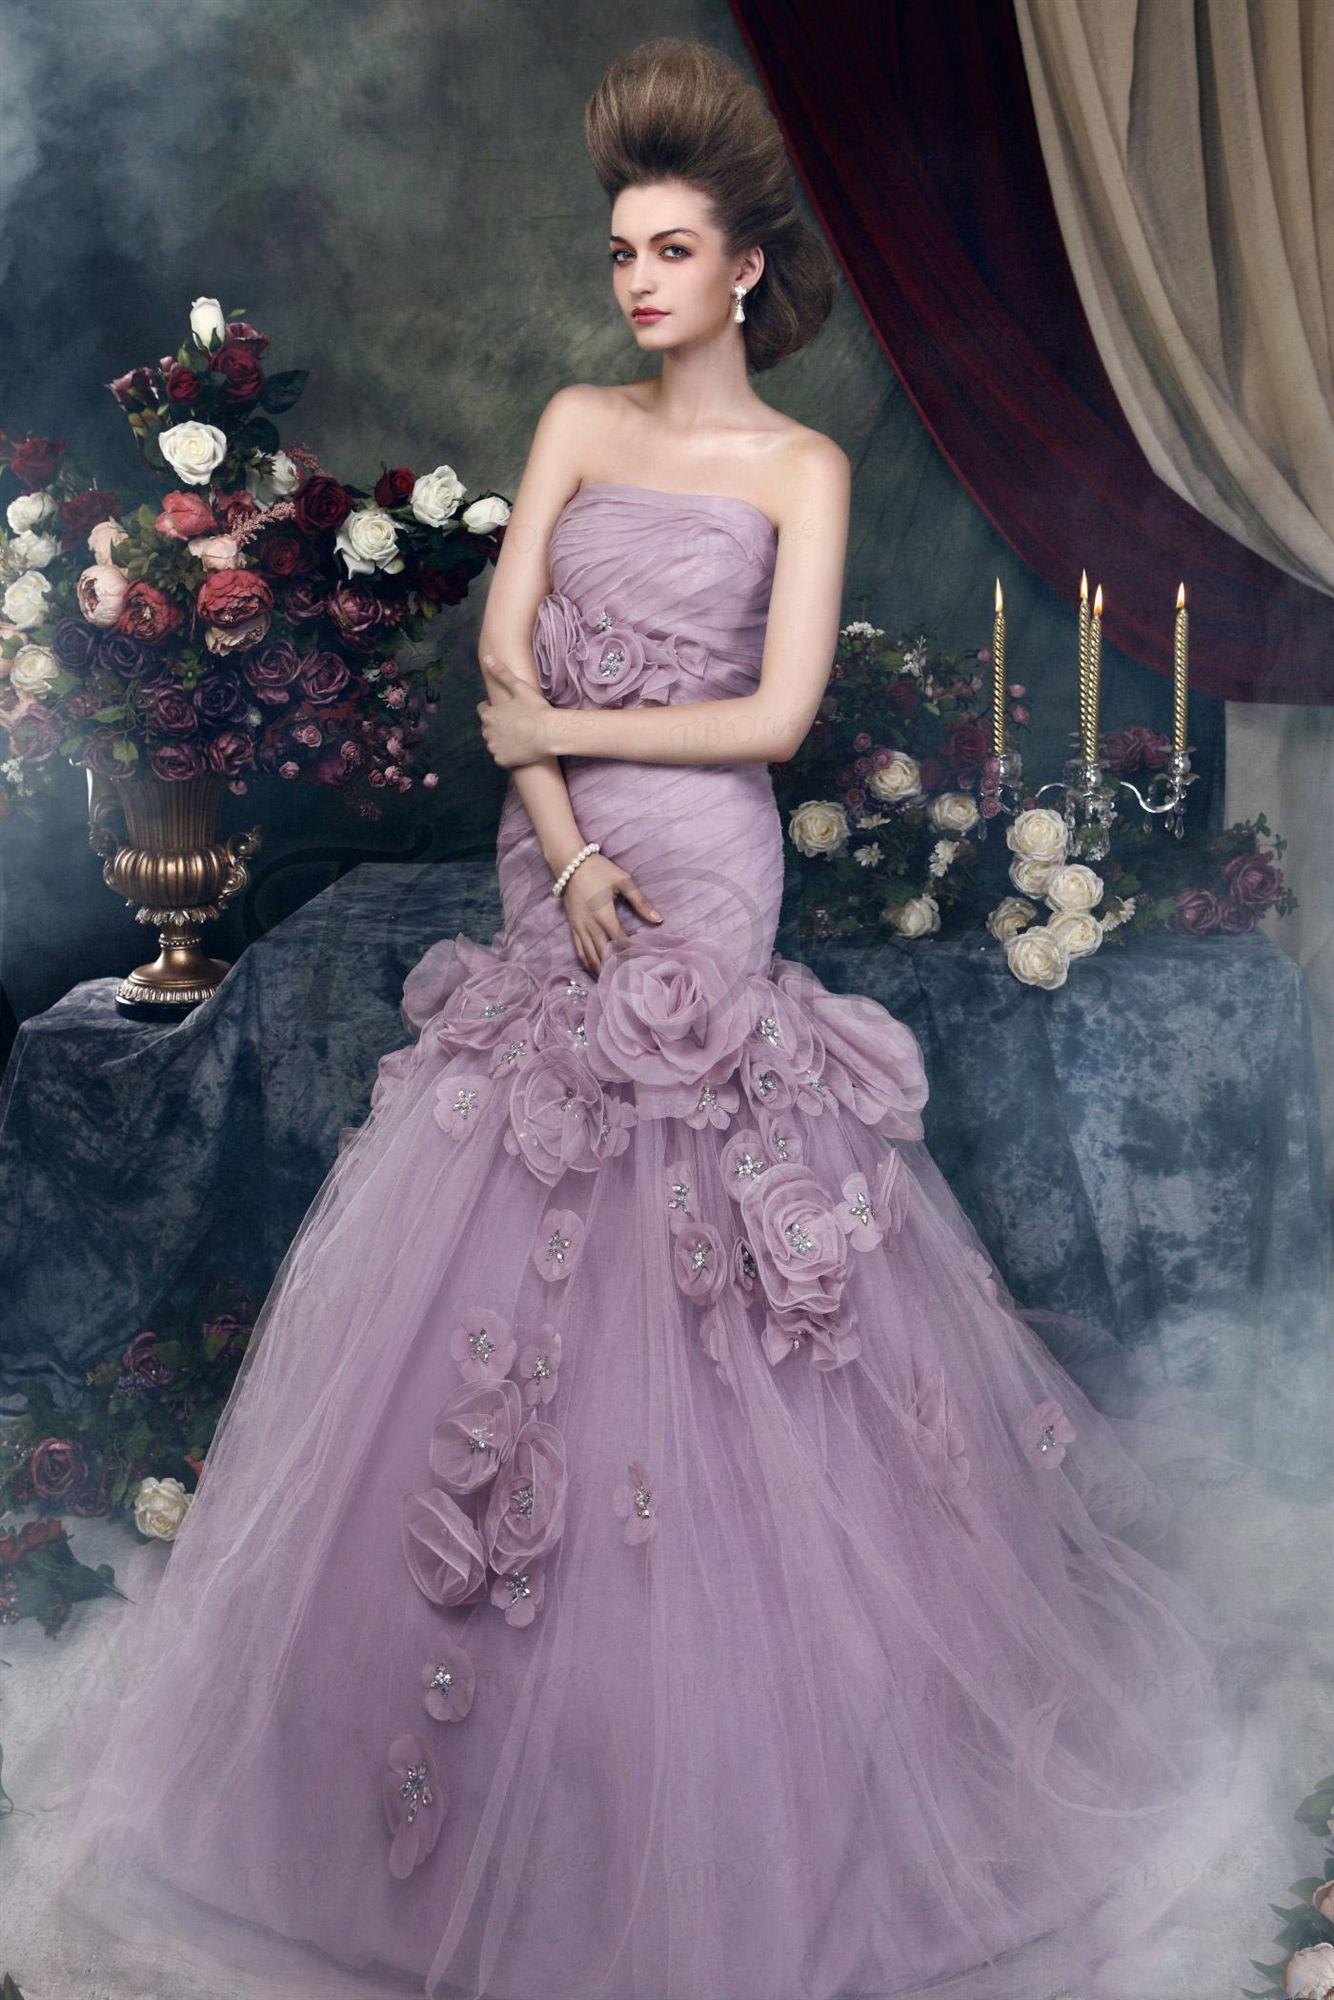 Sirène Longue Robes De Mariée Lilas 2019 Nouvelle Arrivée Sans Bretelles Fleurs Tulle Femmes Non Blanc Vintage Coloré Robes De Mariée Sur Mesure